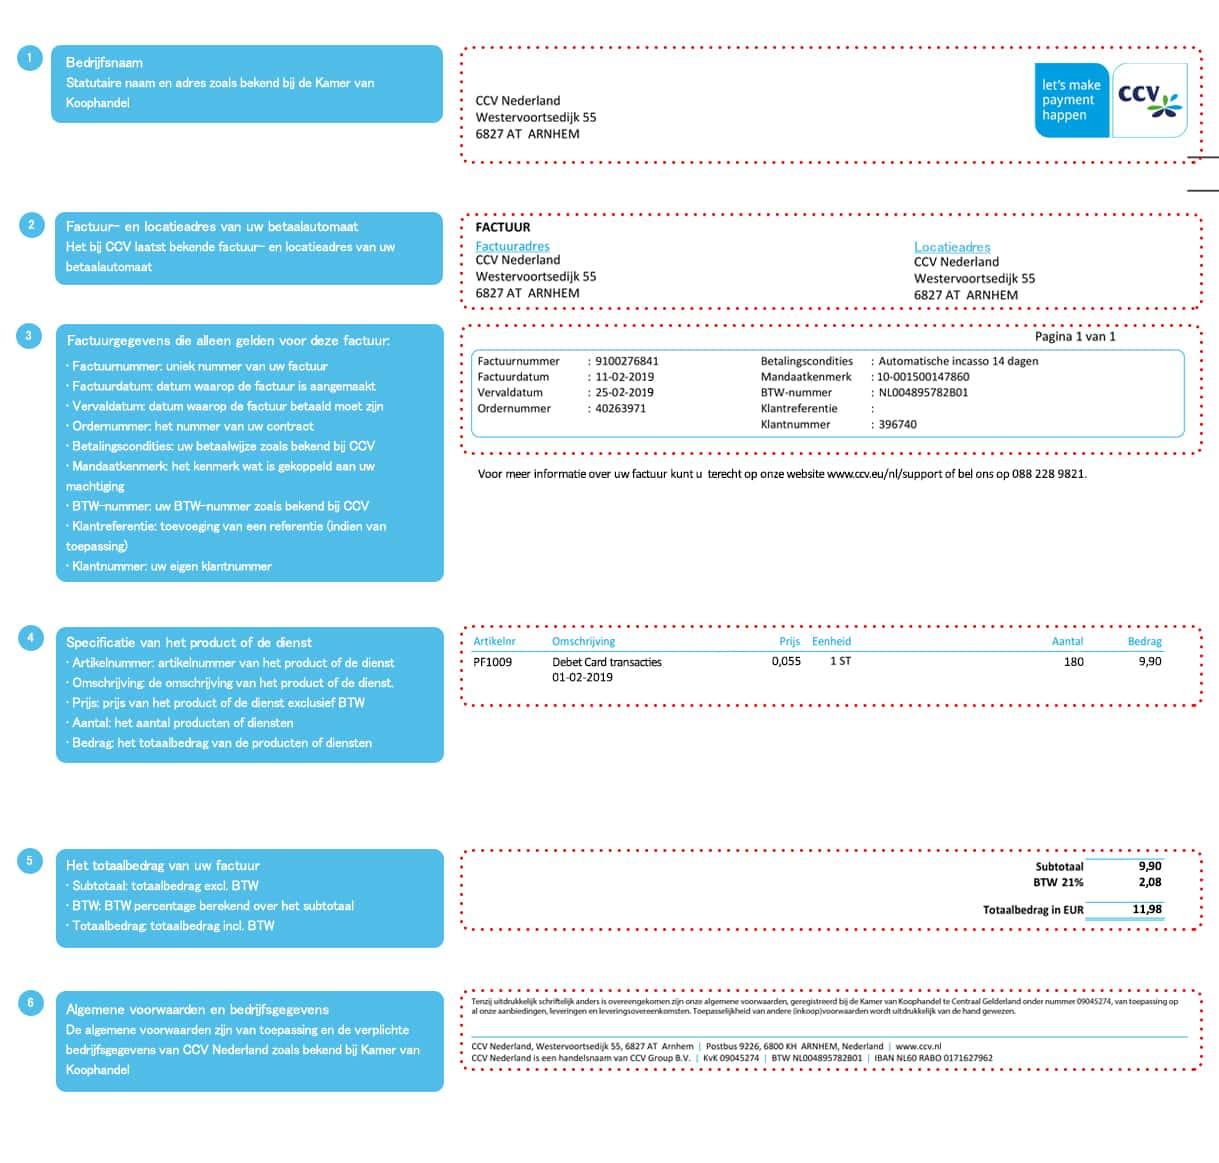 factuur voor Nieuwe factuur voor de transacties op uw betaalautomaat   CCV NL